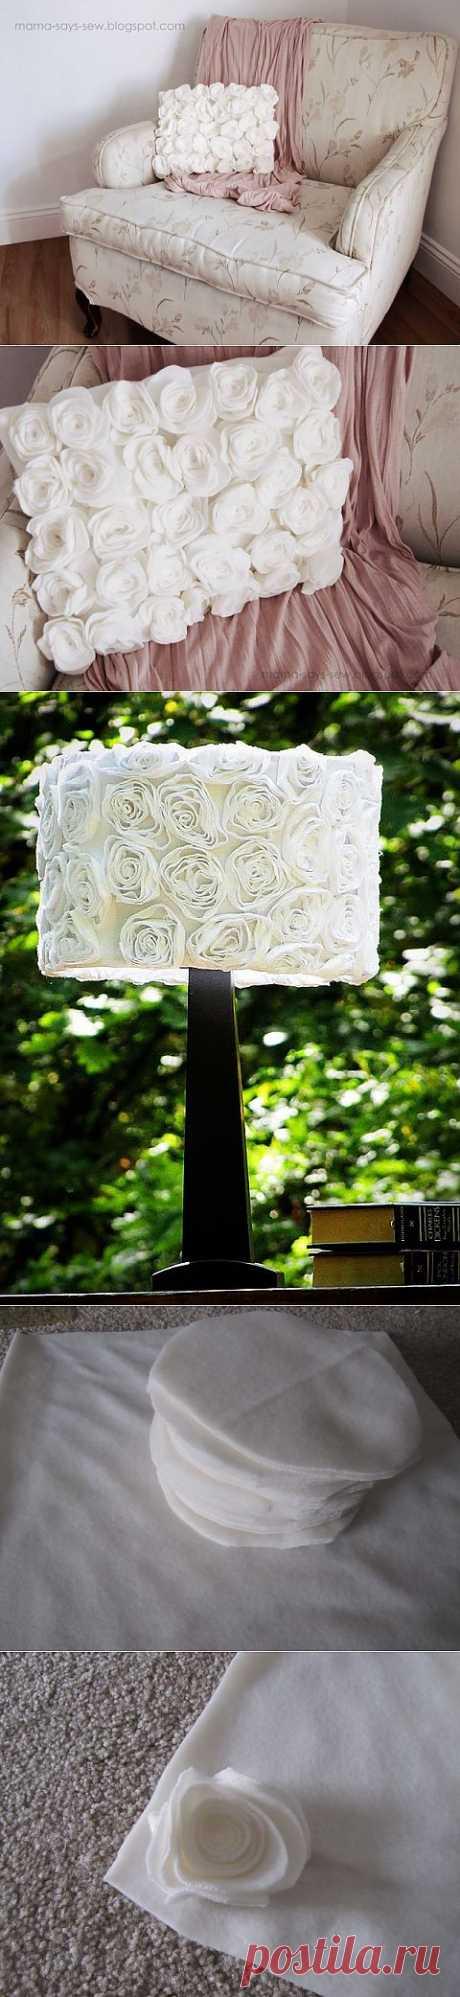 Нежная подушка с розами из флиса и декорирование старого абажура.